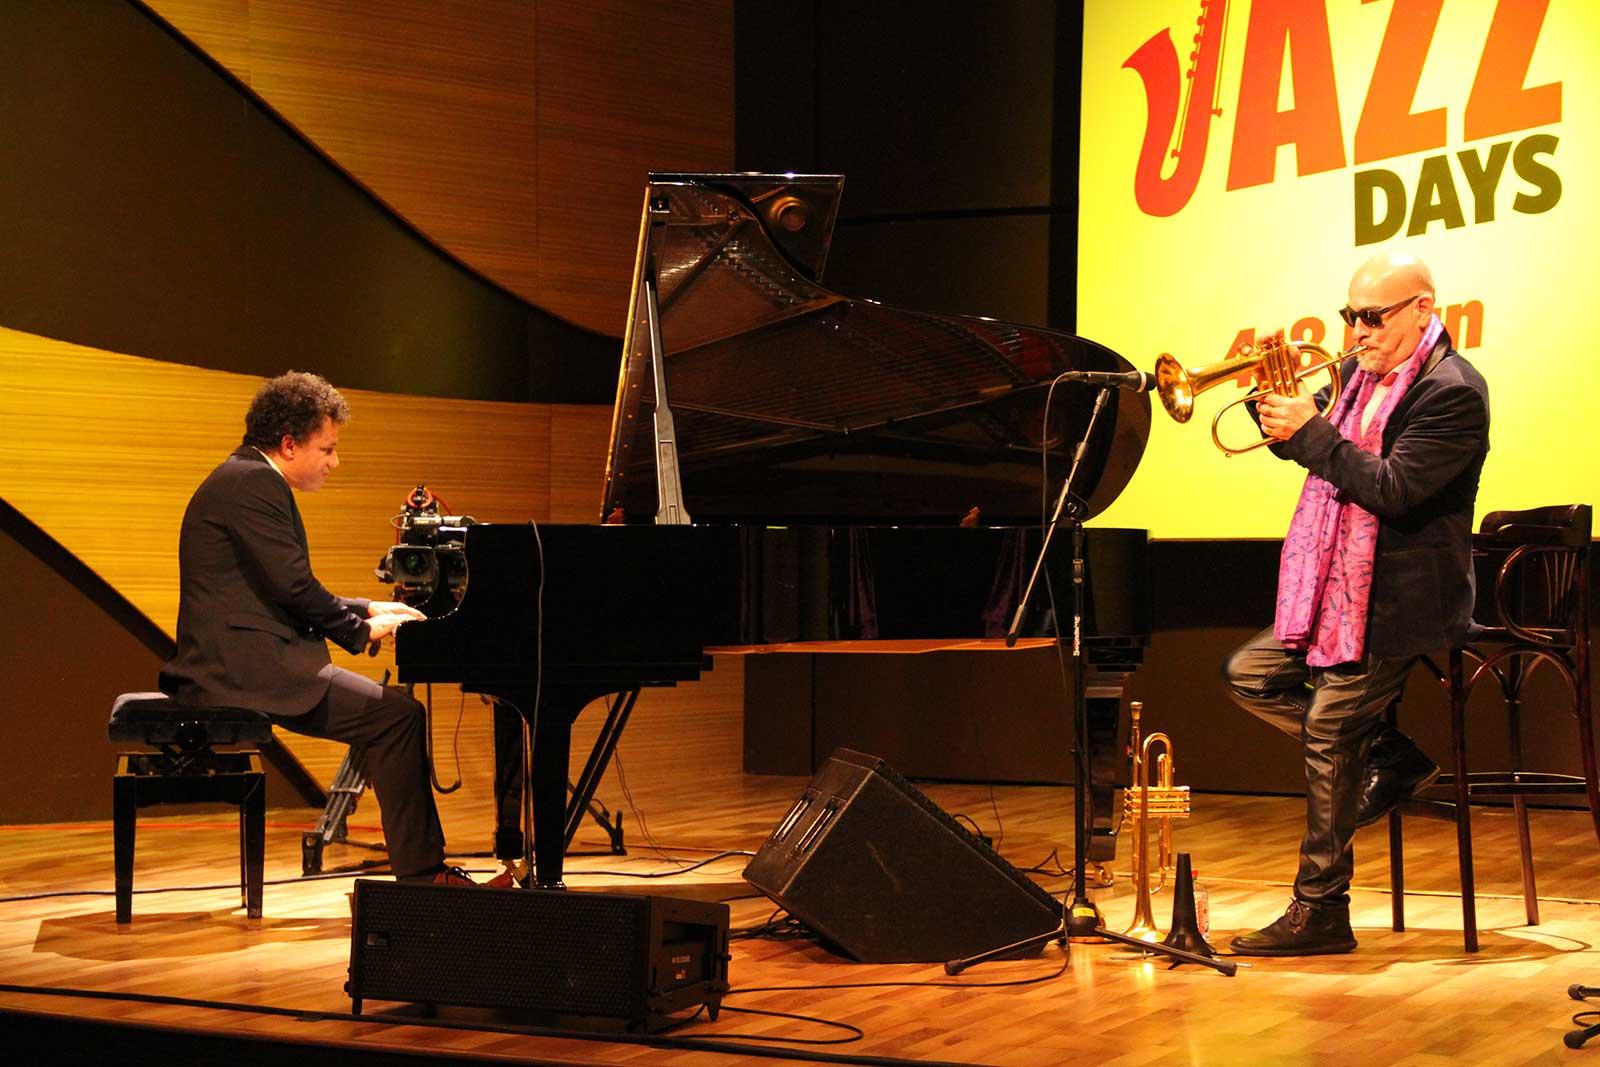 Летние джазовые дни в Баку 2018